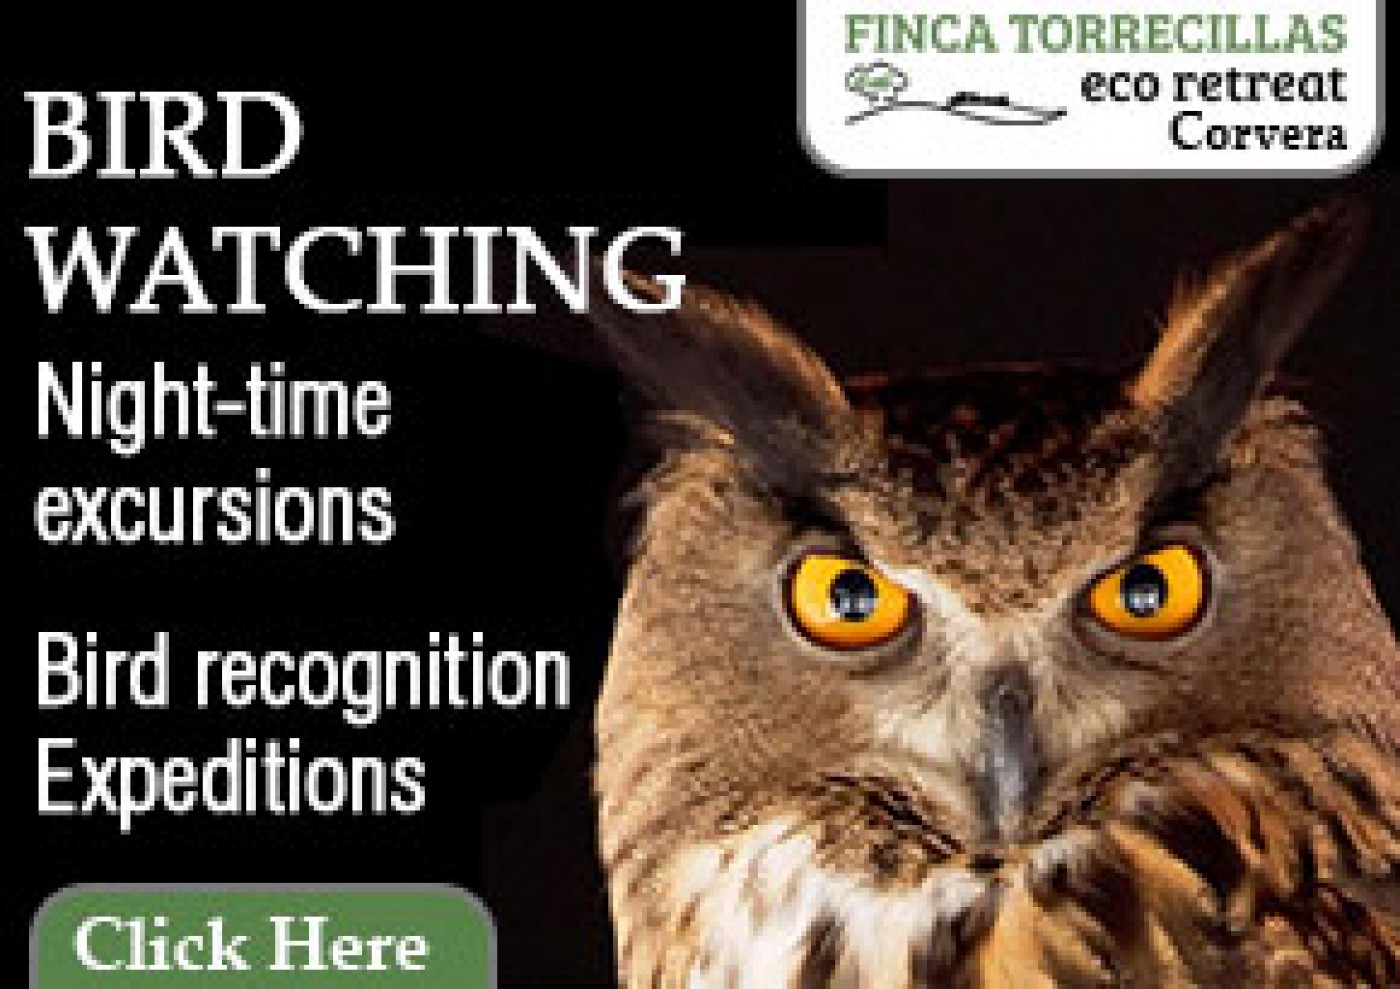 Finca Torrecillas Eco-activities, birdwatching, walking, Corvera